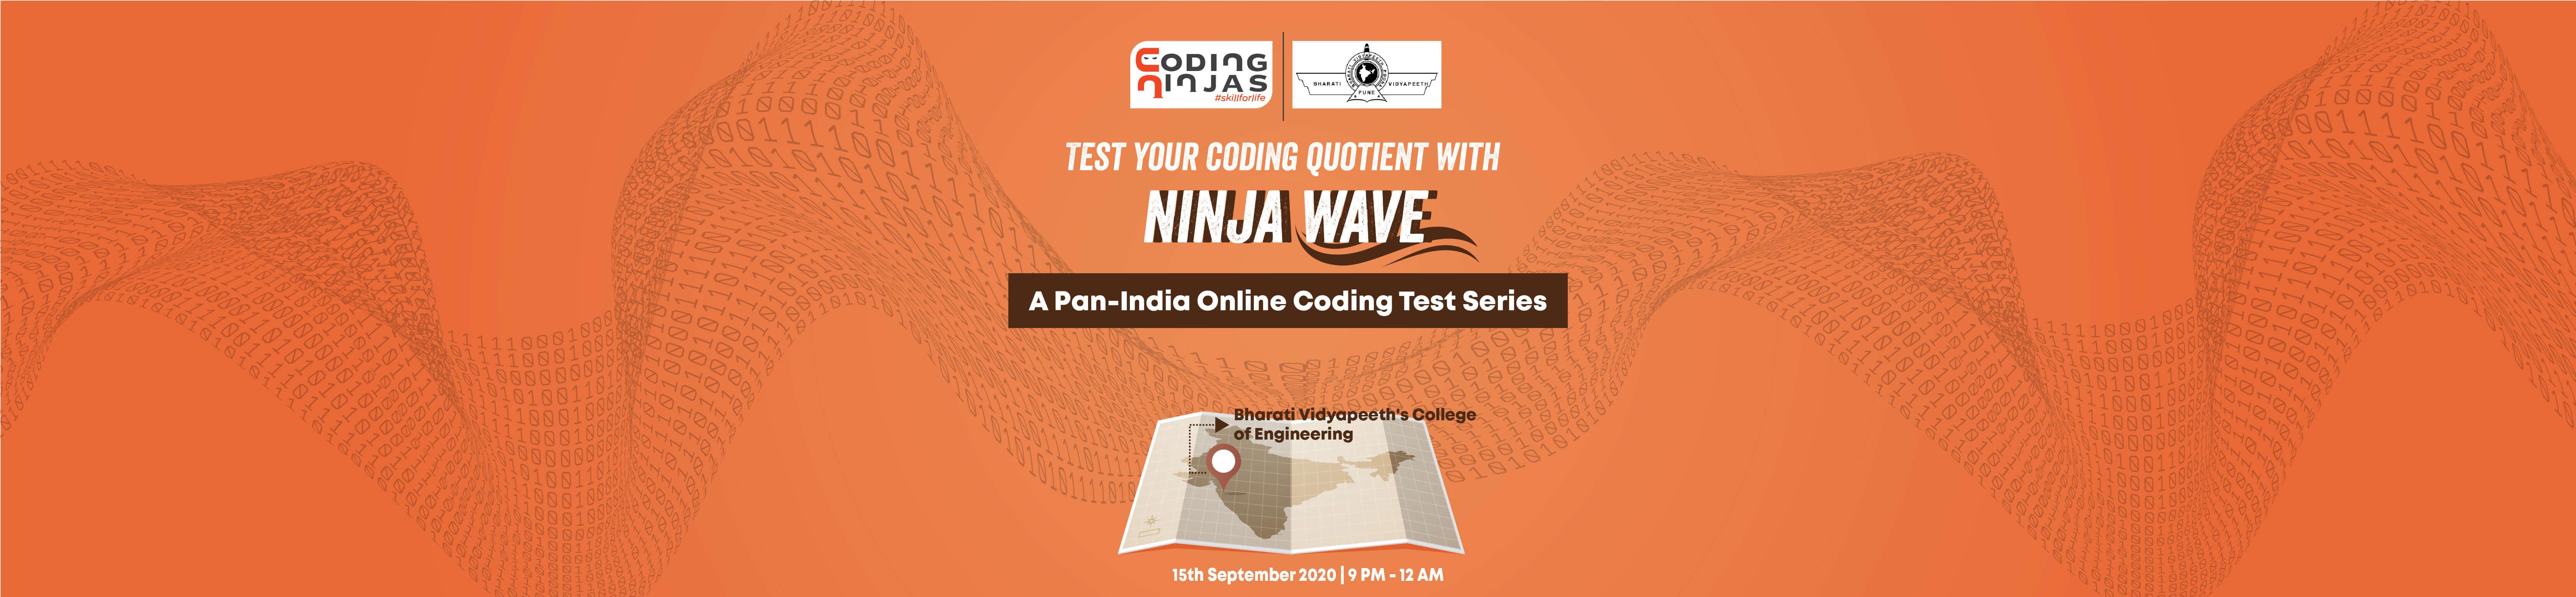 Ninja Wave at Bharati Vidyapeeth's College of Engineering